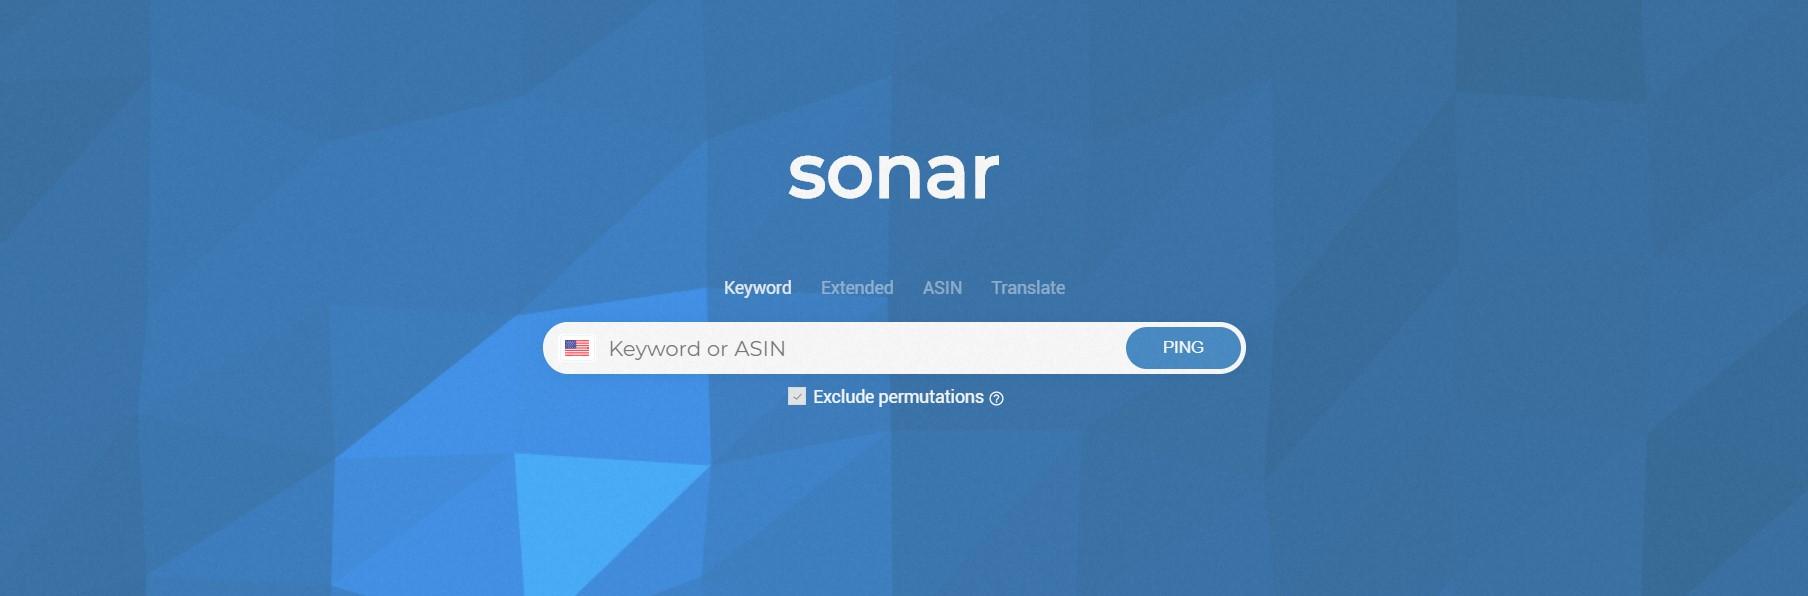 sonar.jpg